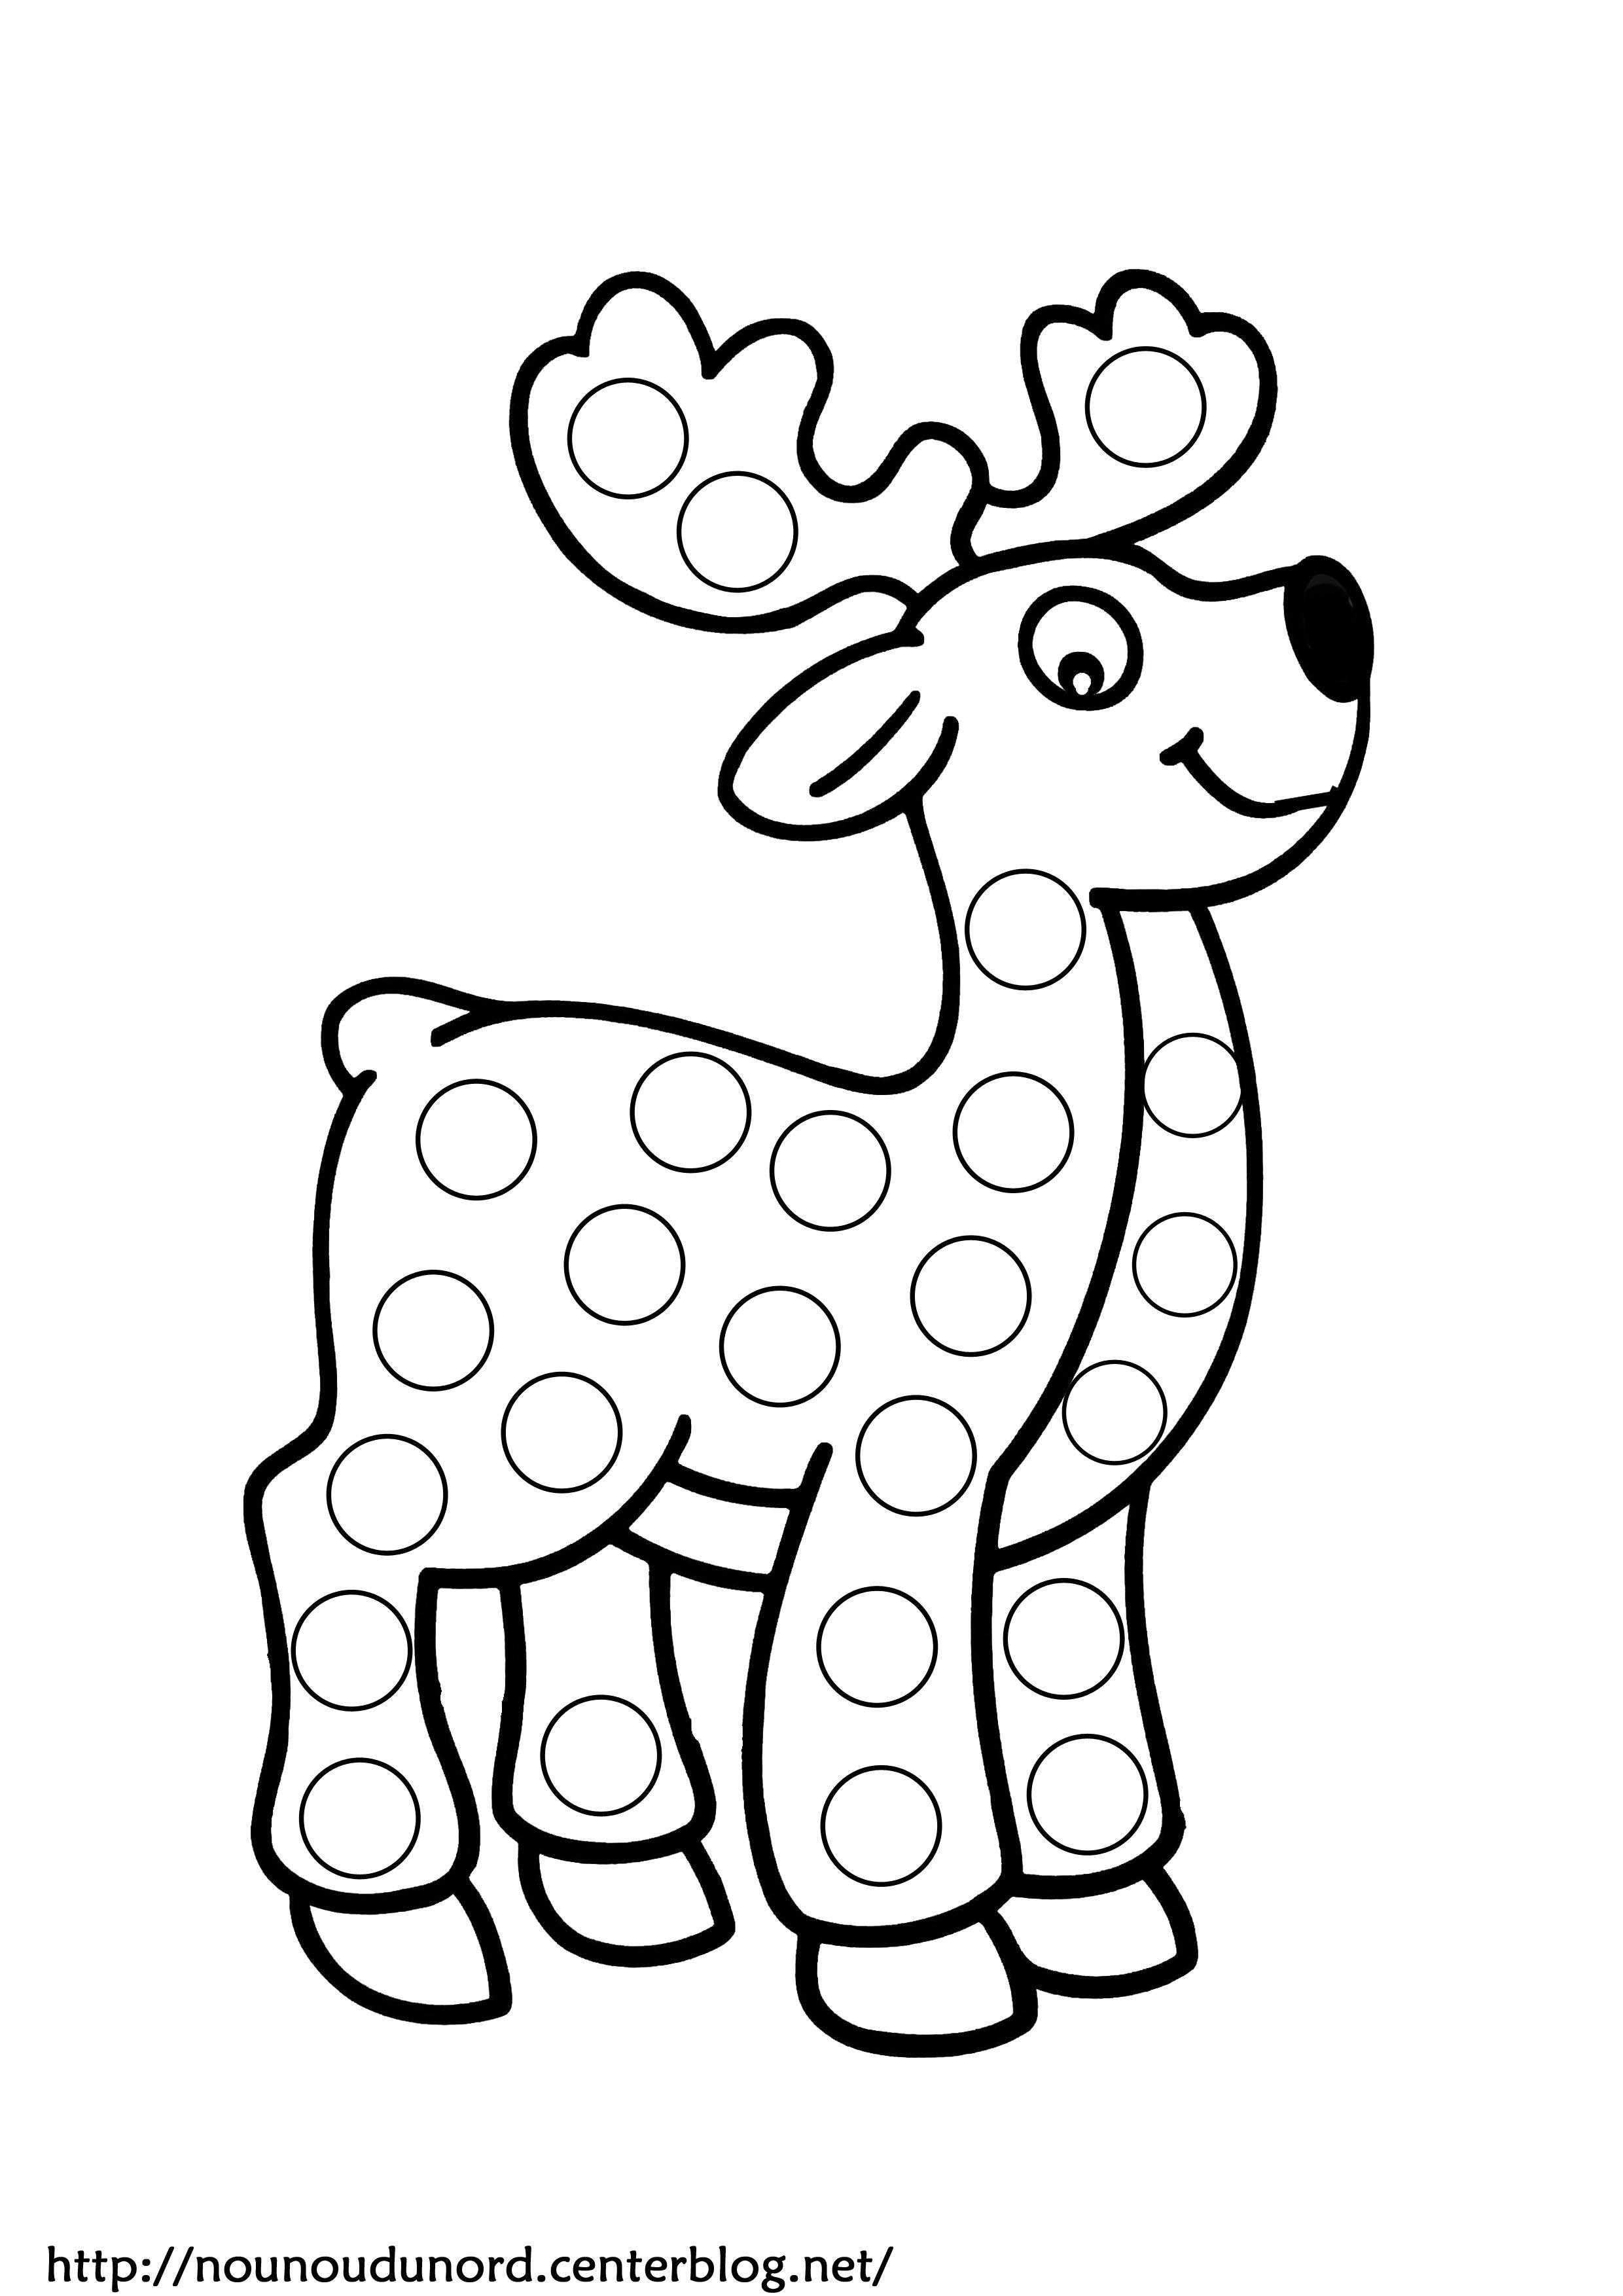 Épinglé par albane le sur Bricolage de Noël | Coloriage noel